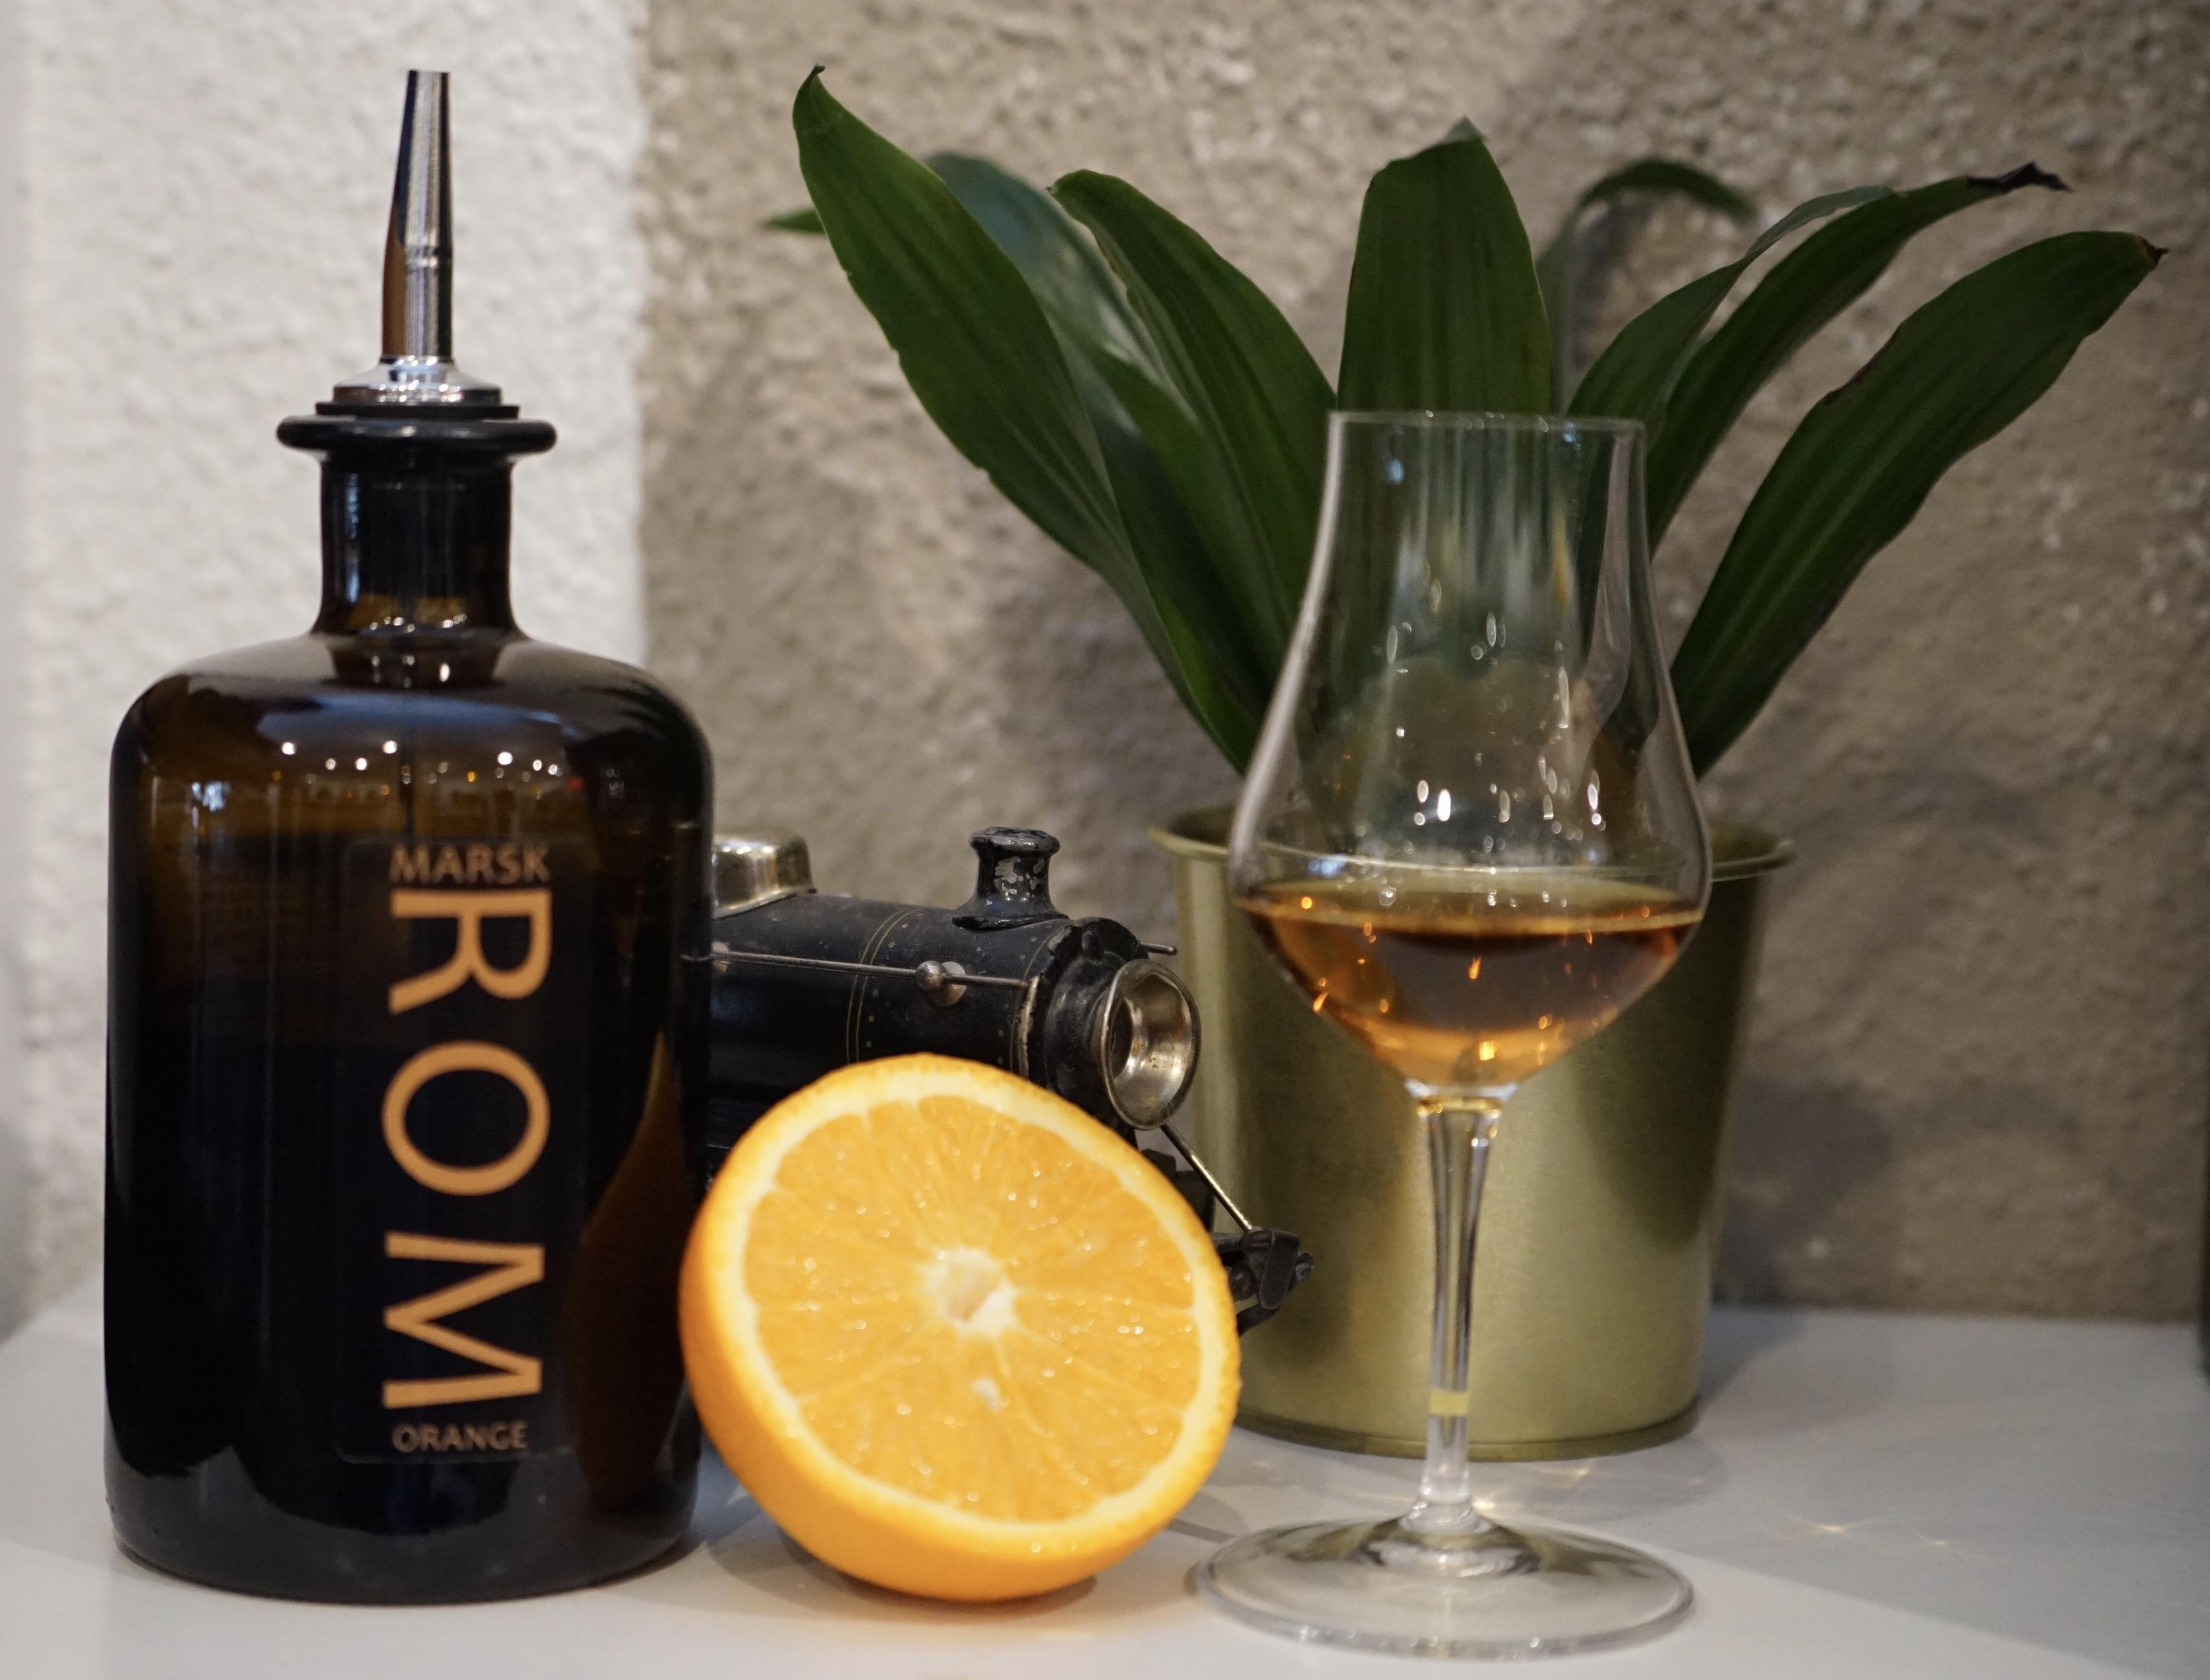 Marsk orange rom